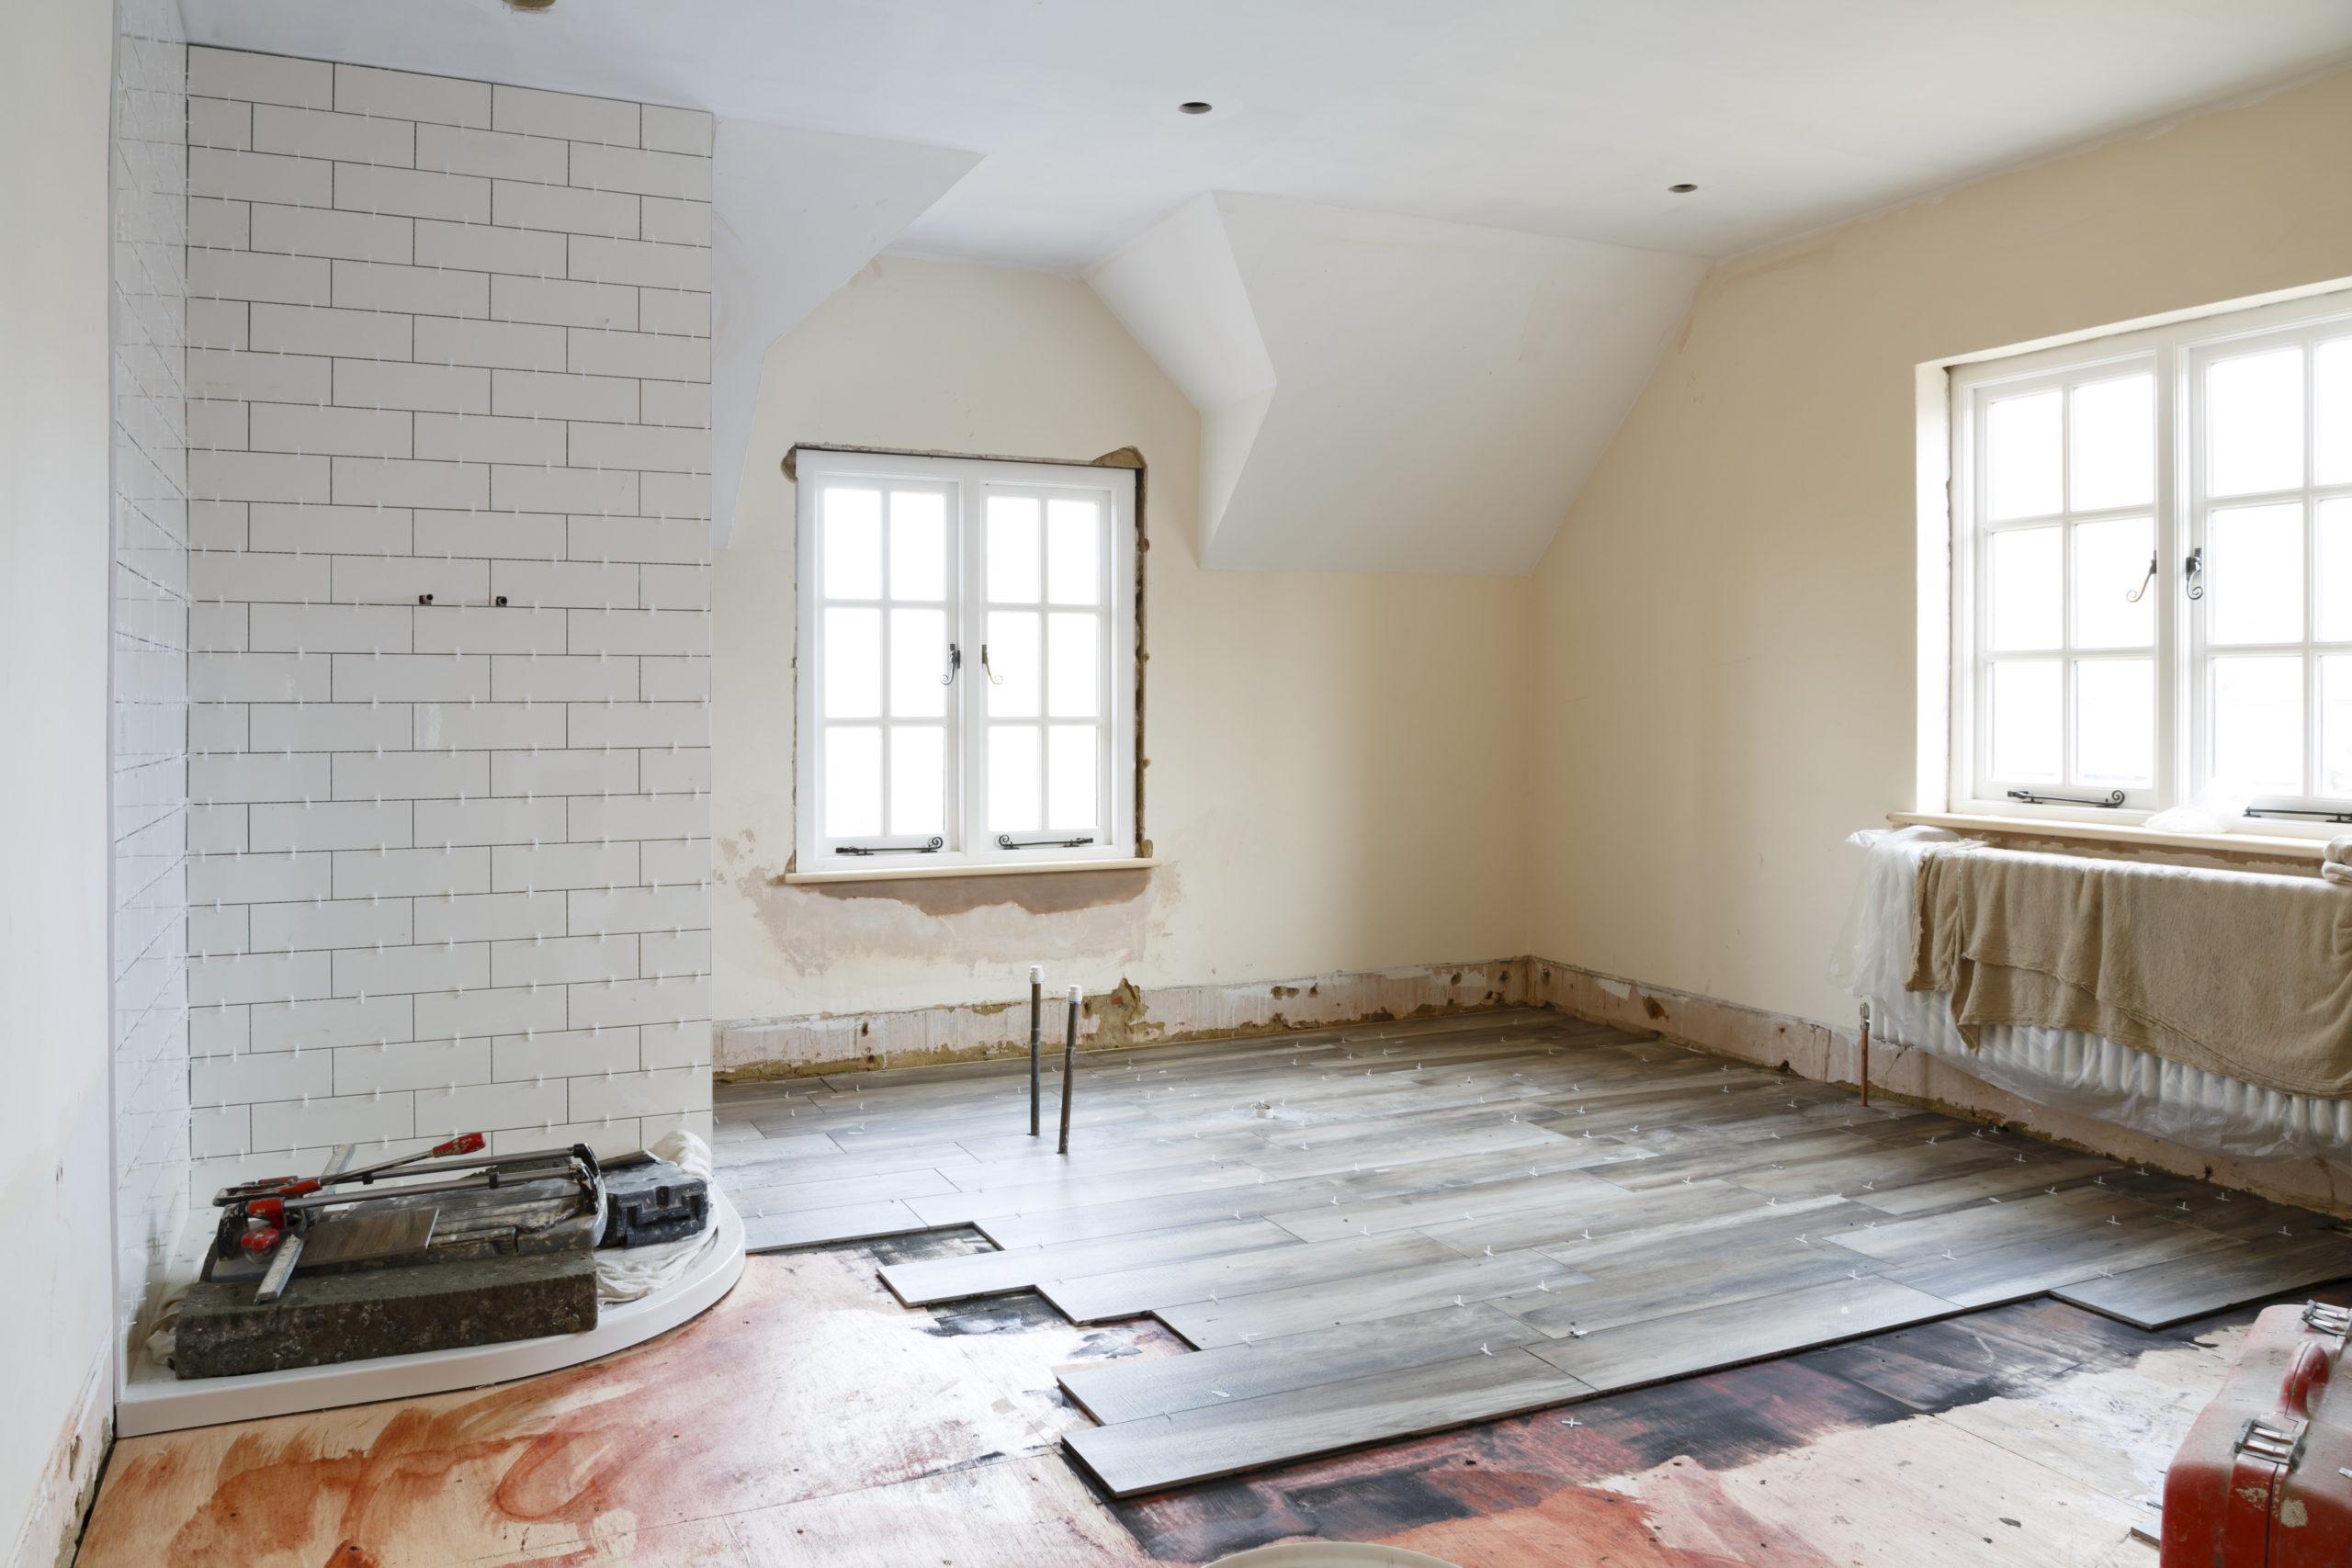 Bathroom tiling installation for asbestos reinstatement works